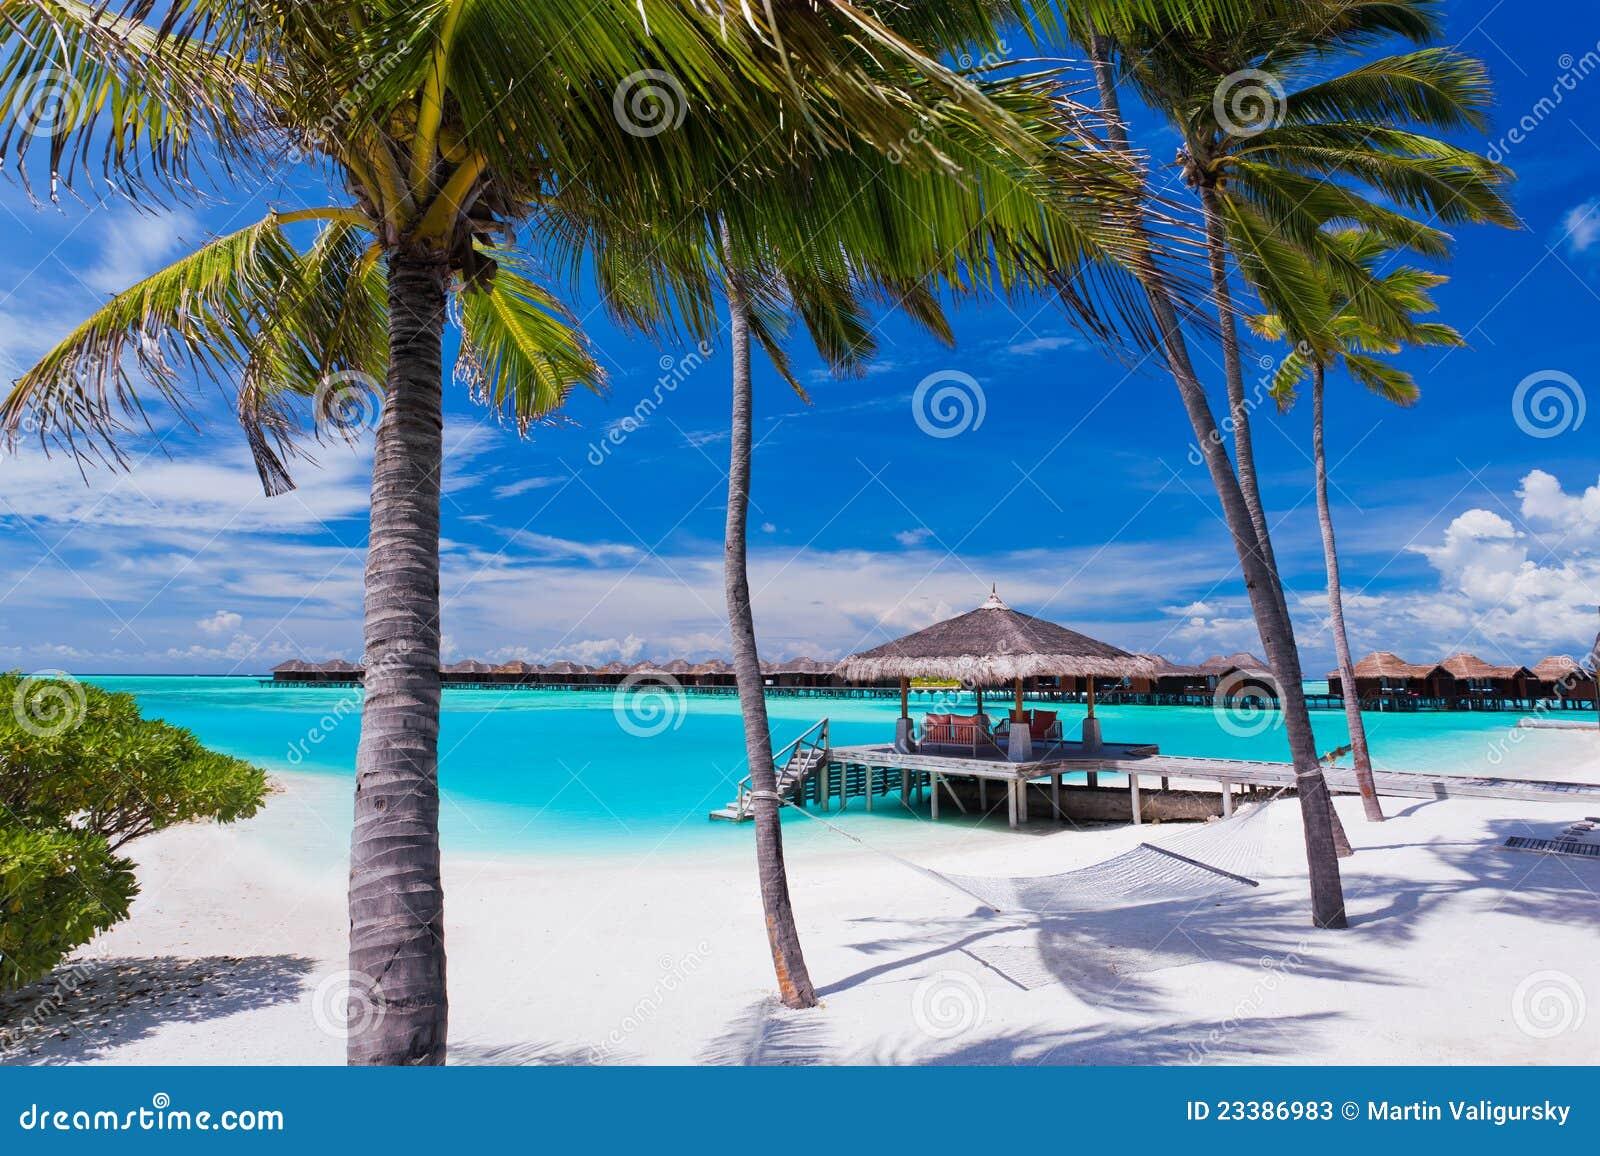 lege hangmat tussen palmen op het strand stock afbeelding afbeelding bestaande uit lagune. Black Bedroom Furniture Sets. Home Design Ideas